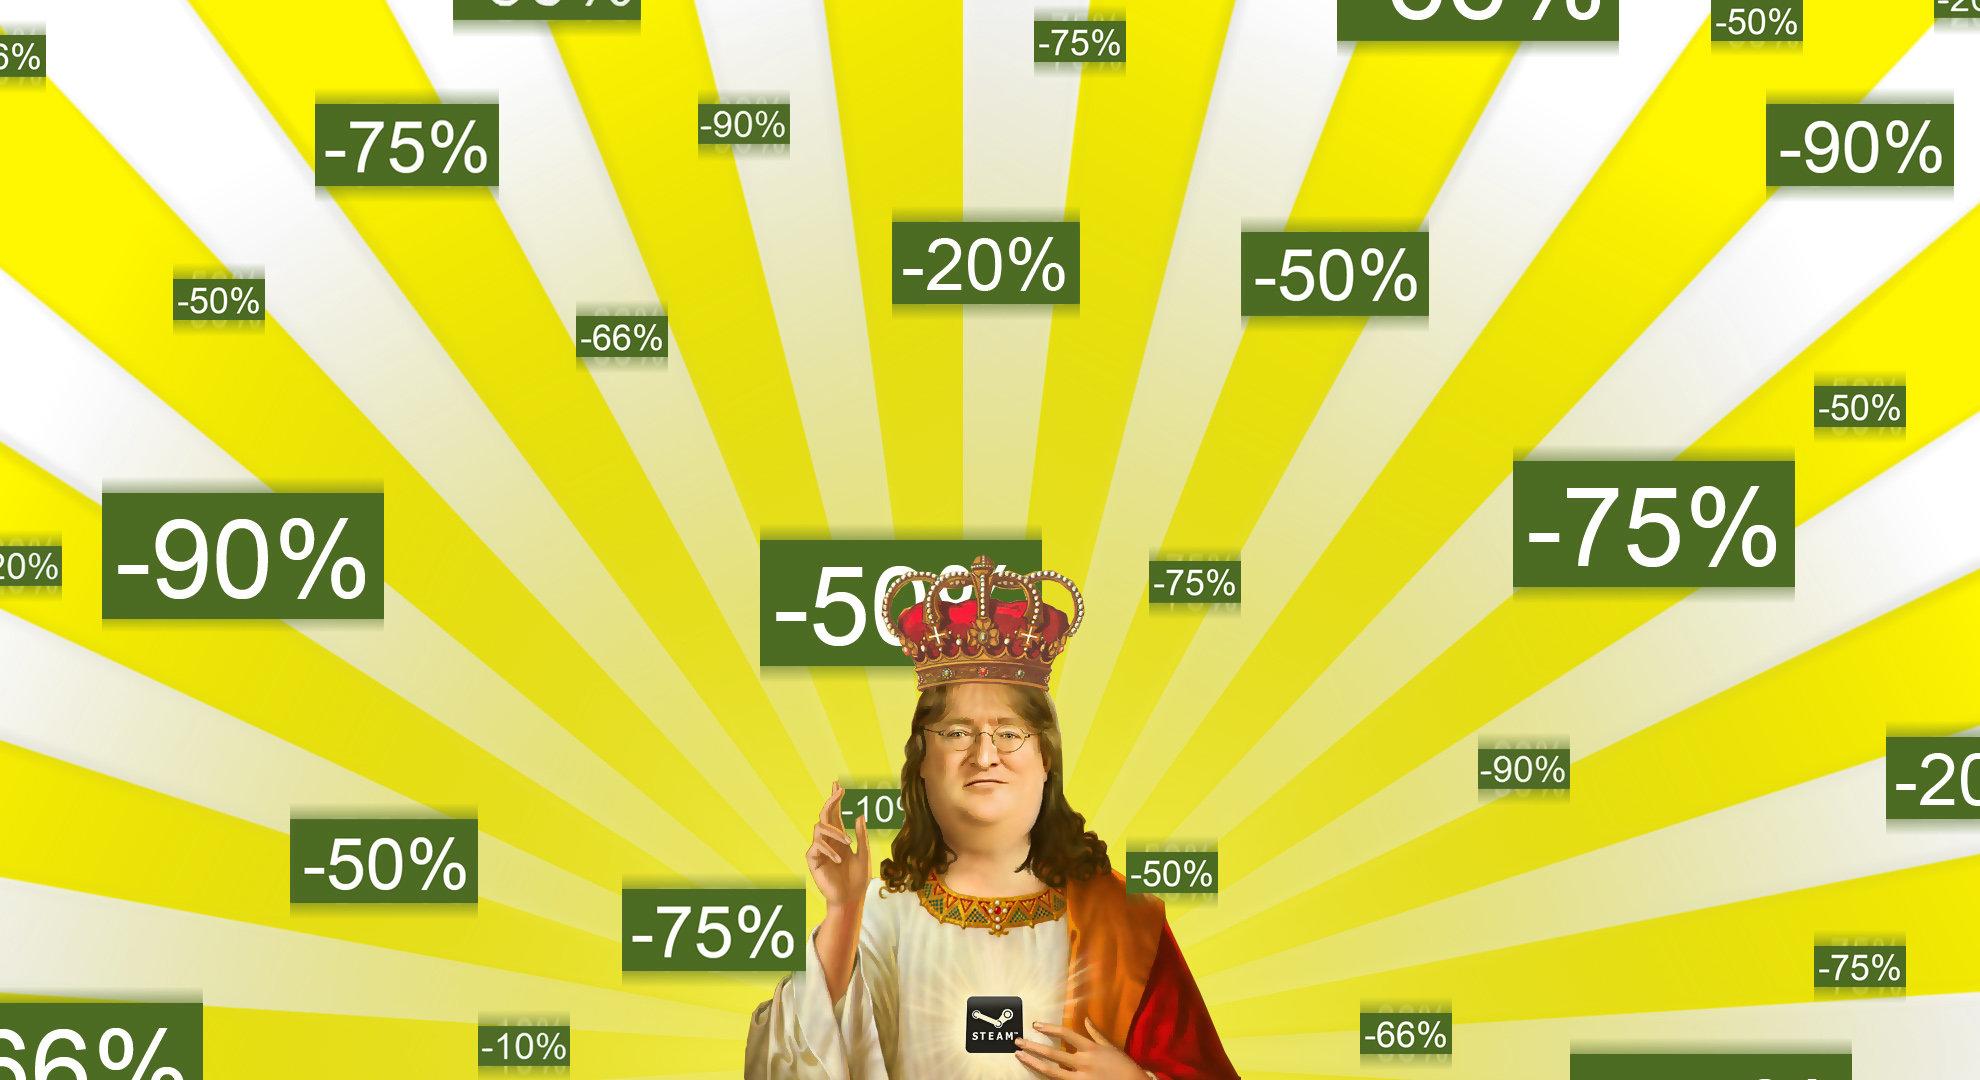 Hoy comienzan las ofertas de verano de Steam y hay nueva forma de comprar con Multicaja